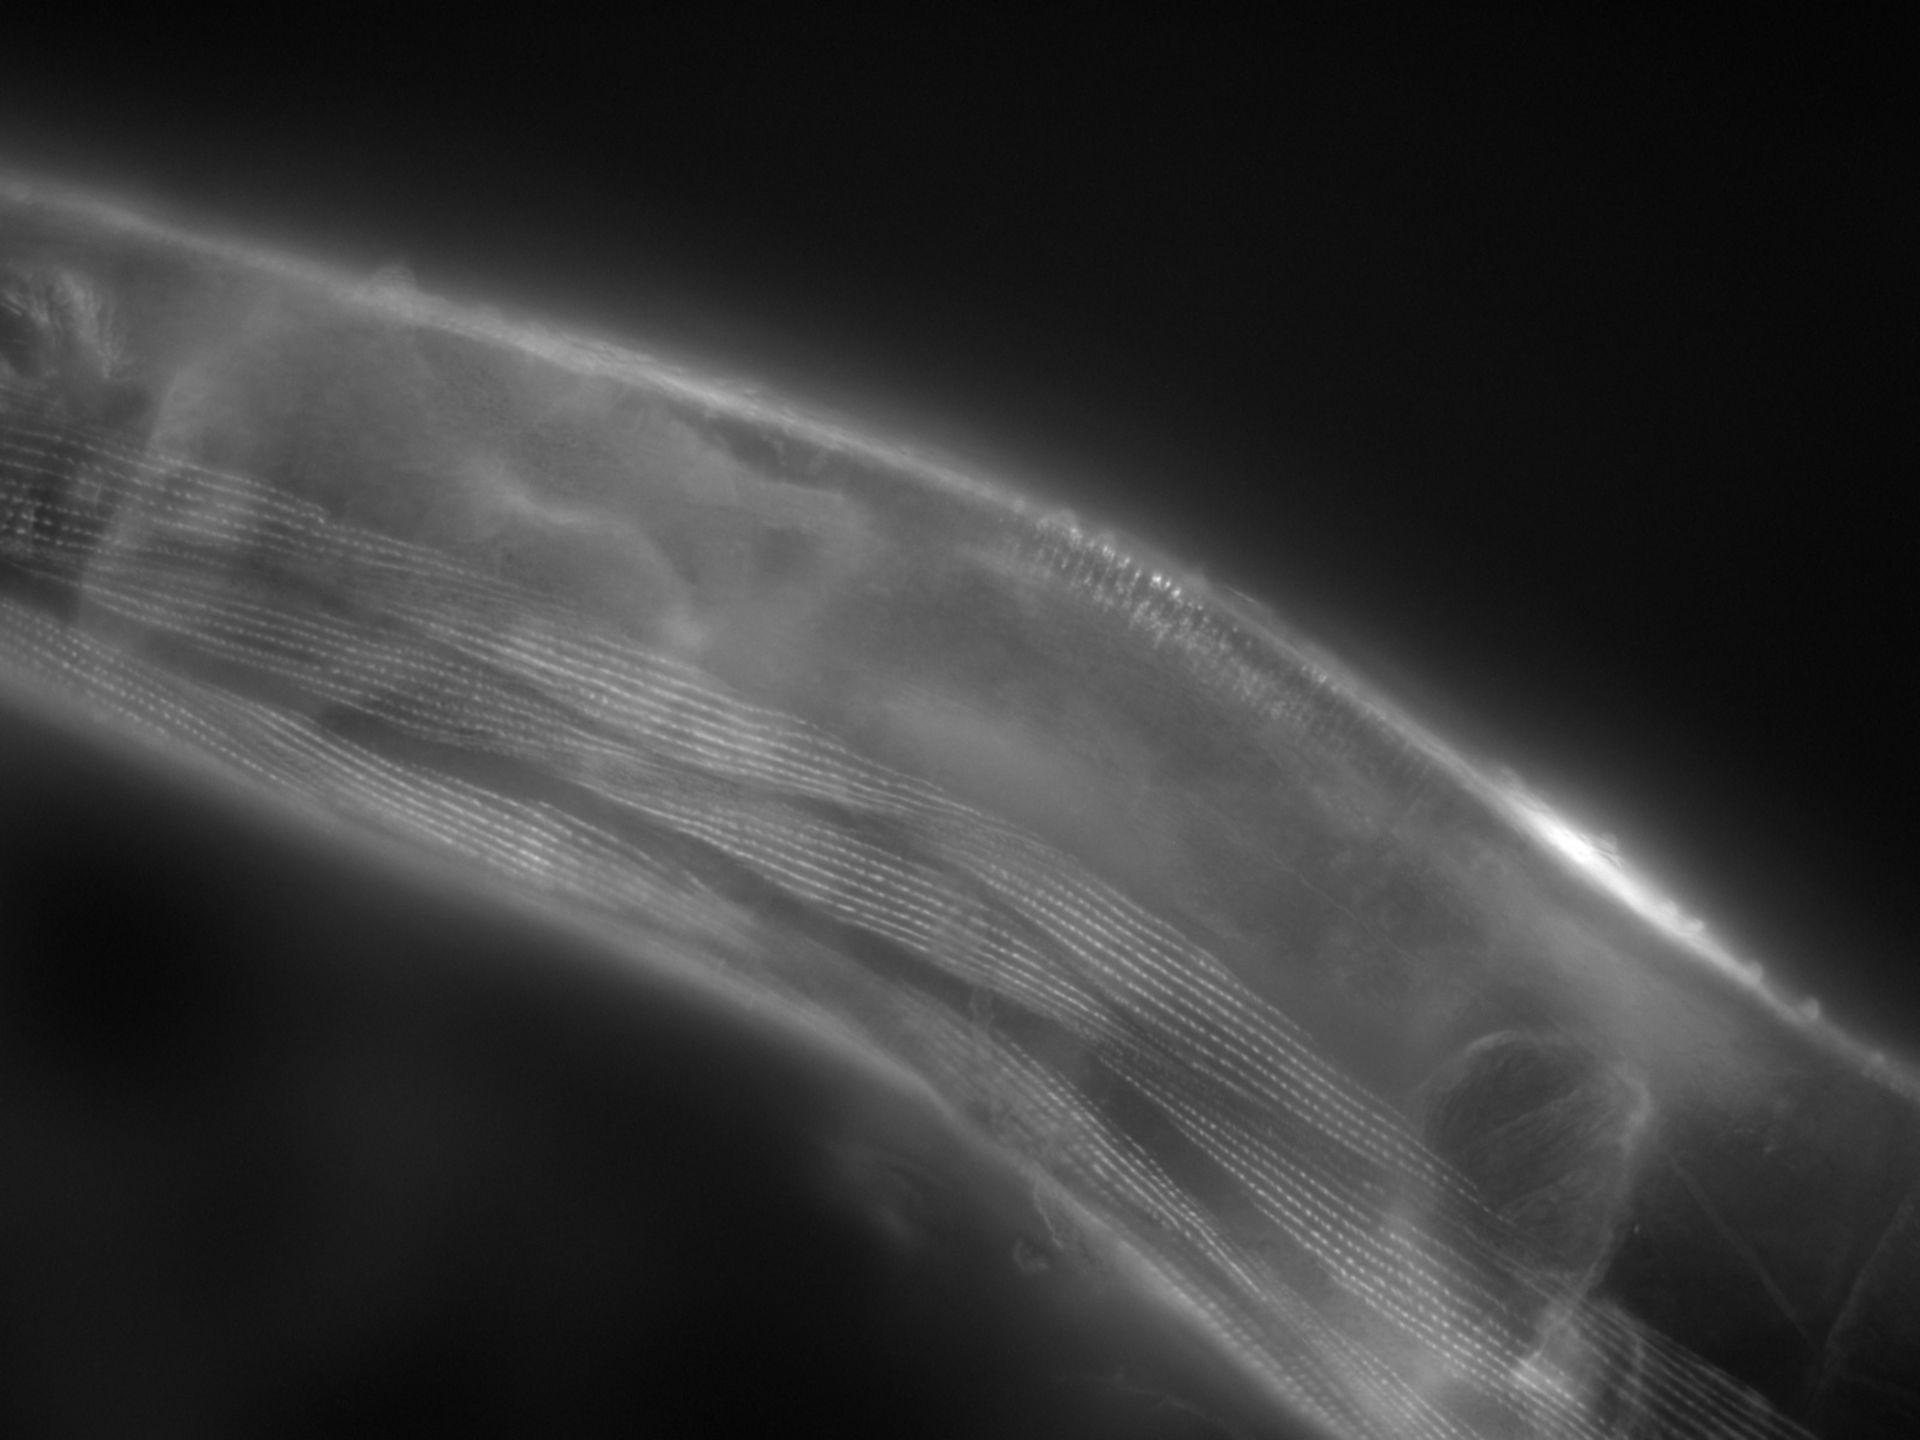 Caenorhabditis elegans (Actin filament) - CIL:1155